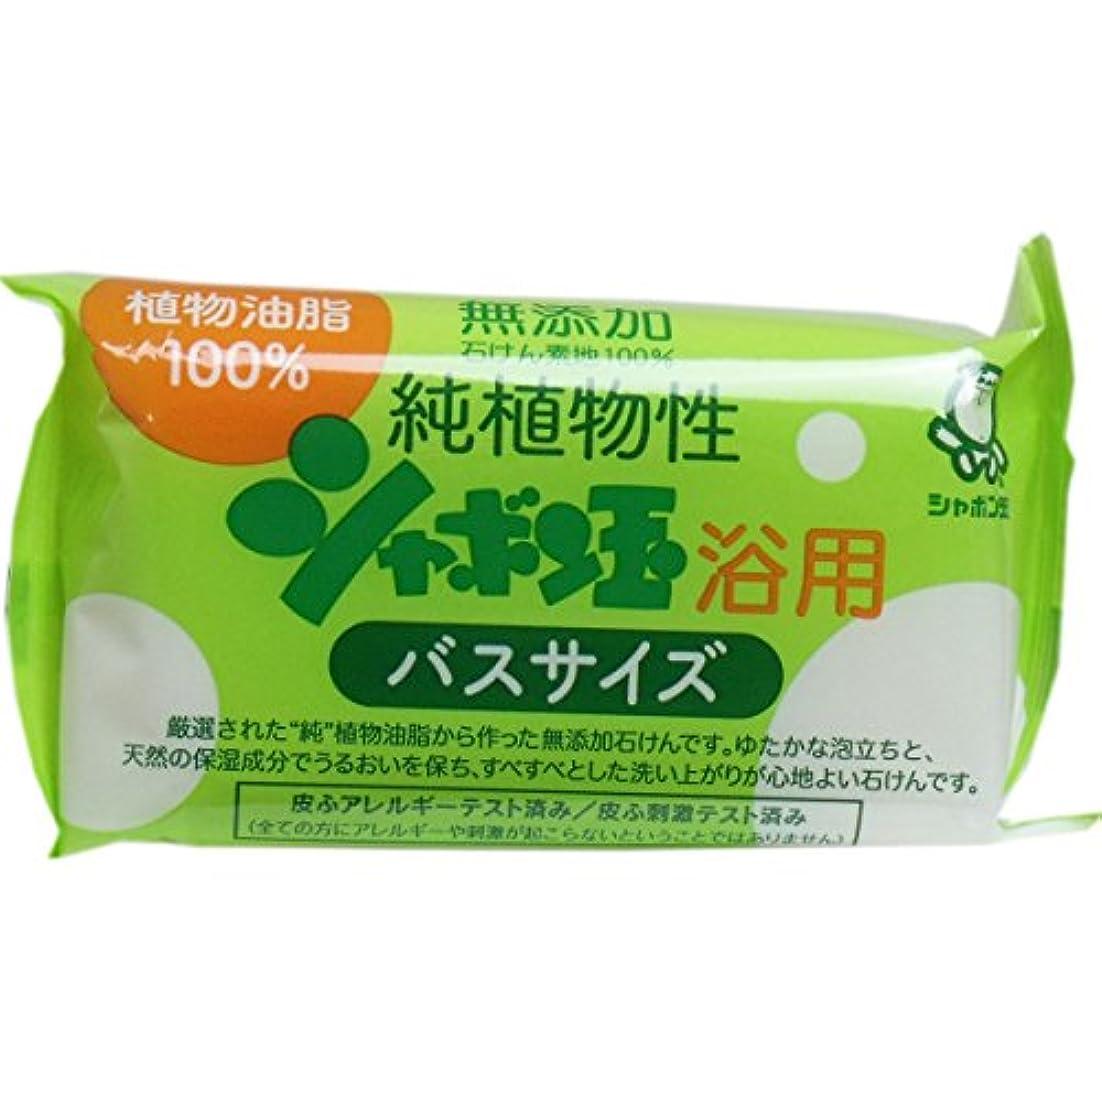 感謝祭神経幹無添加 シャボン玉 純植物性浴用石けん バスサイズ 155g(無添加石鹸)